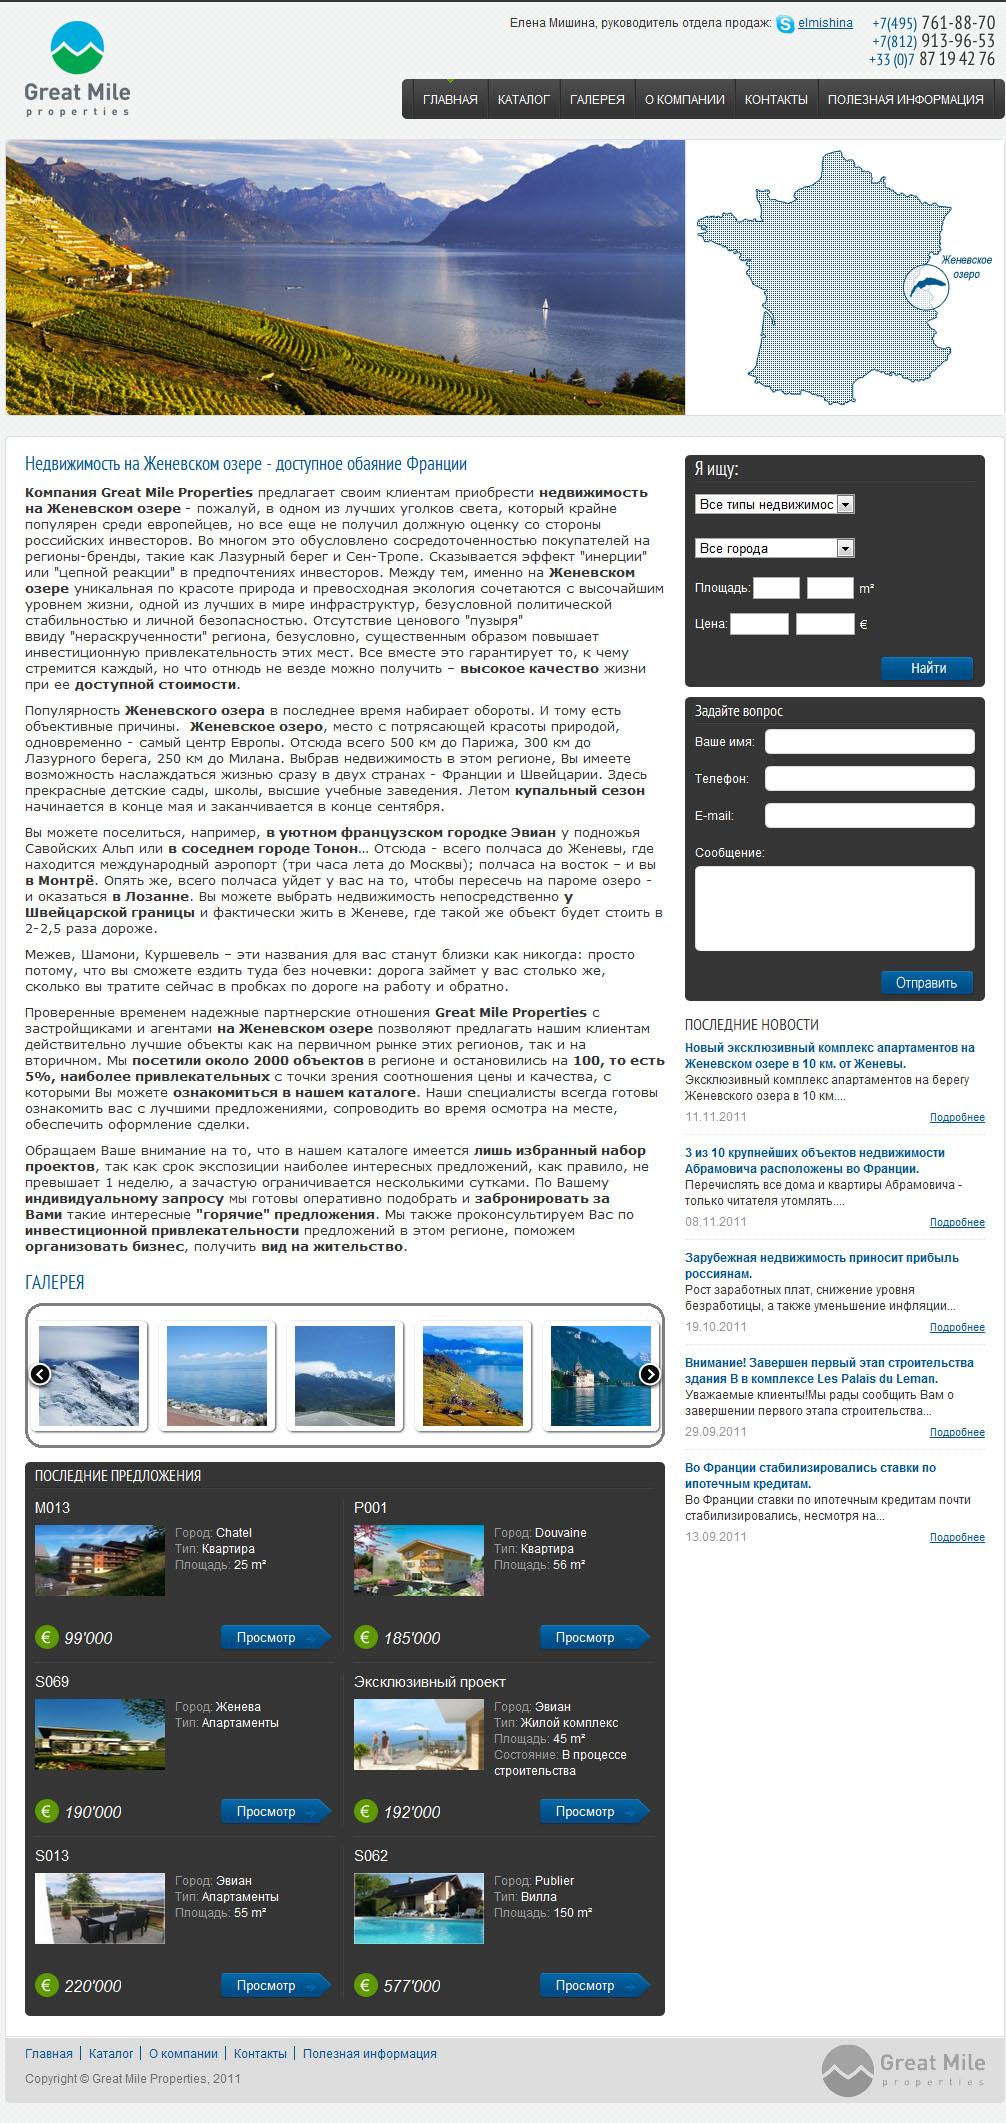 greatmile.ru - Недвижимость на Женевском озере